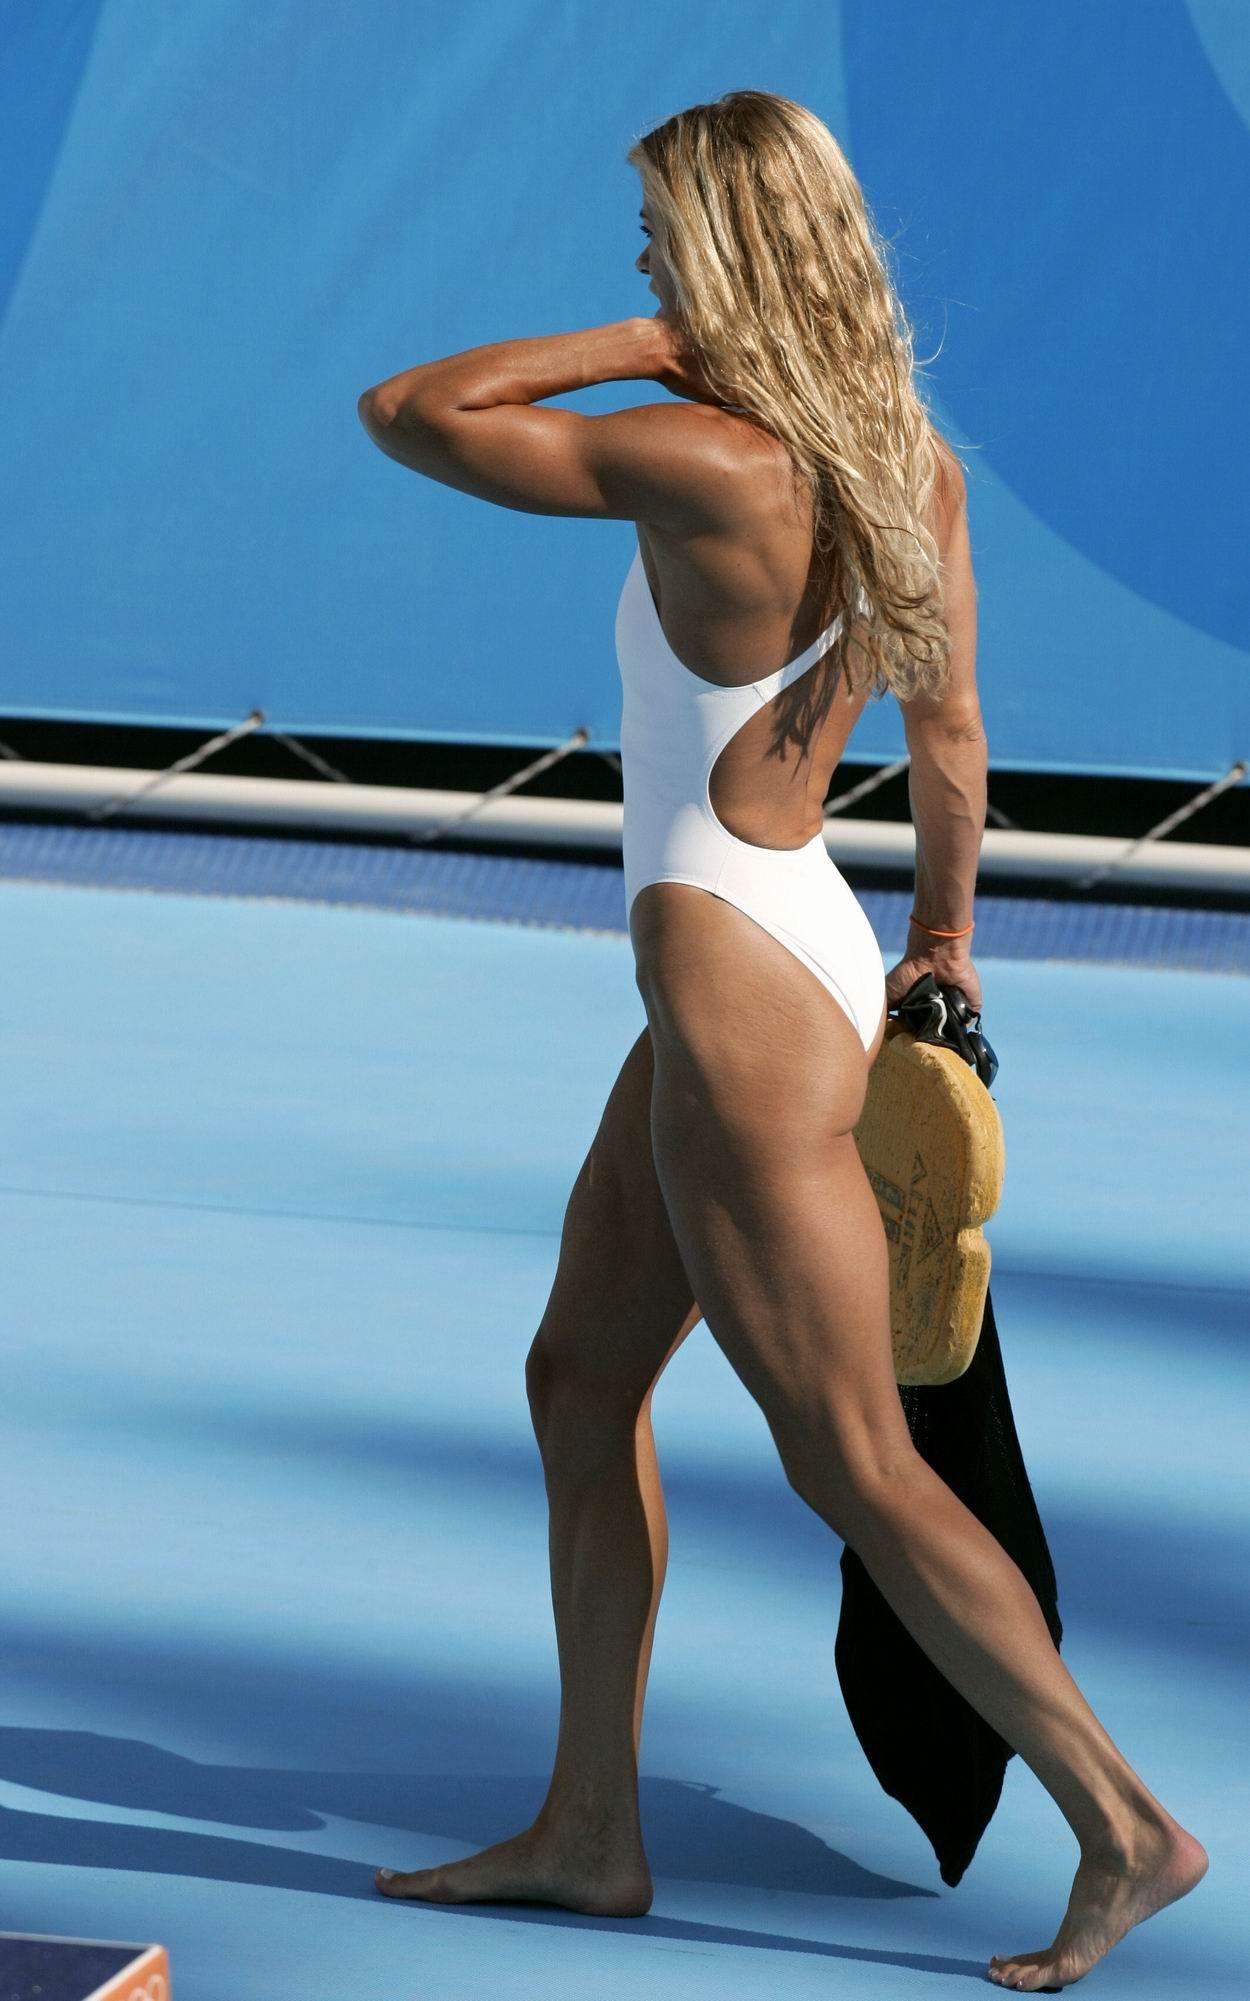 Photos Inge de Bruijn nudes (57 foto and video), Ass, Bikini, Feet, panties 2018